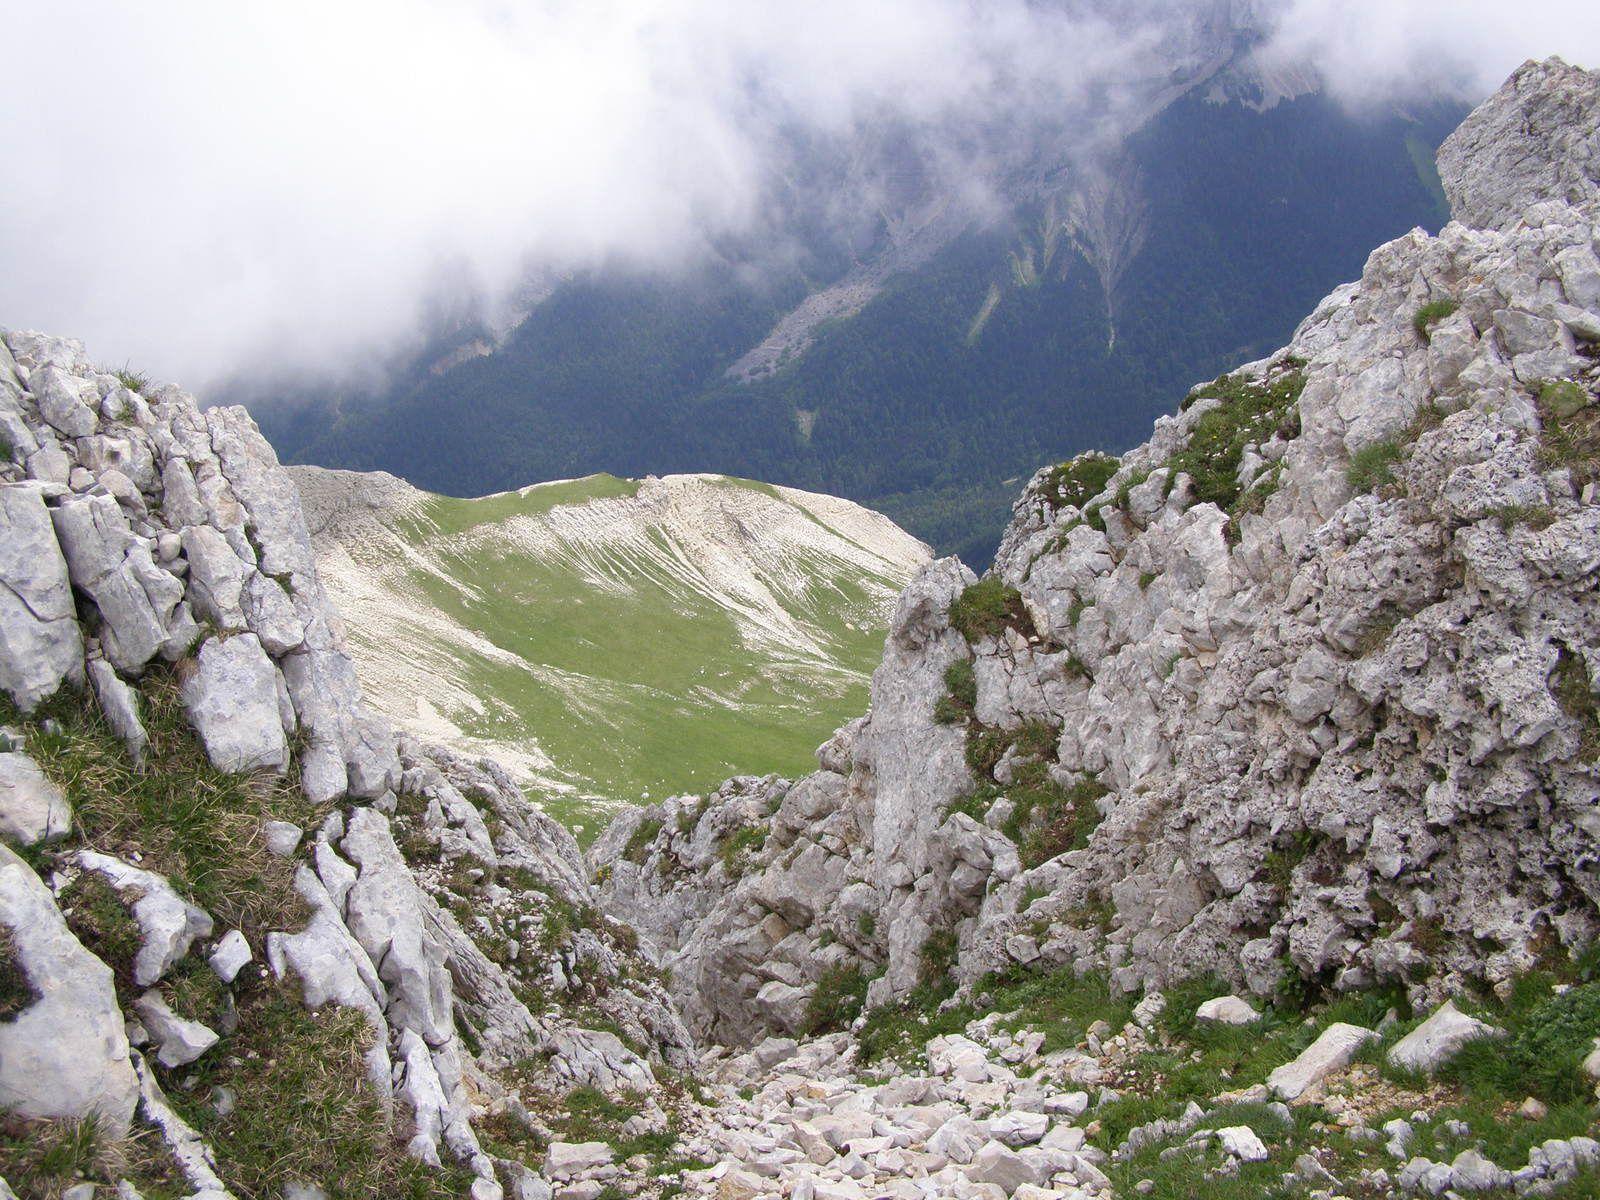 ber.dranreb04.overblog.com